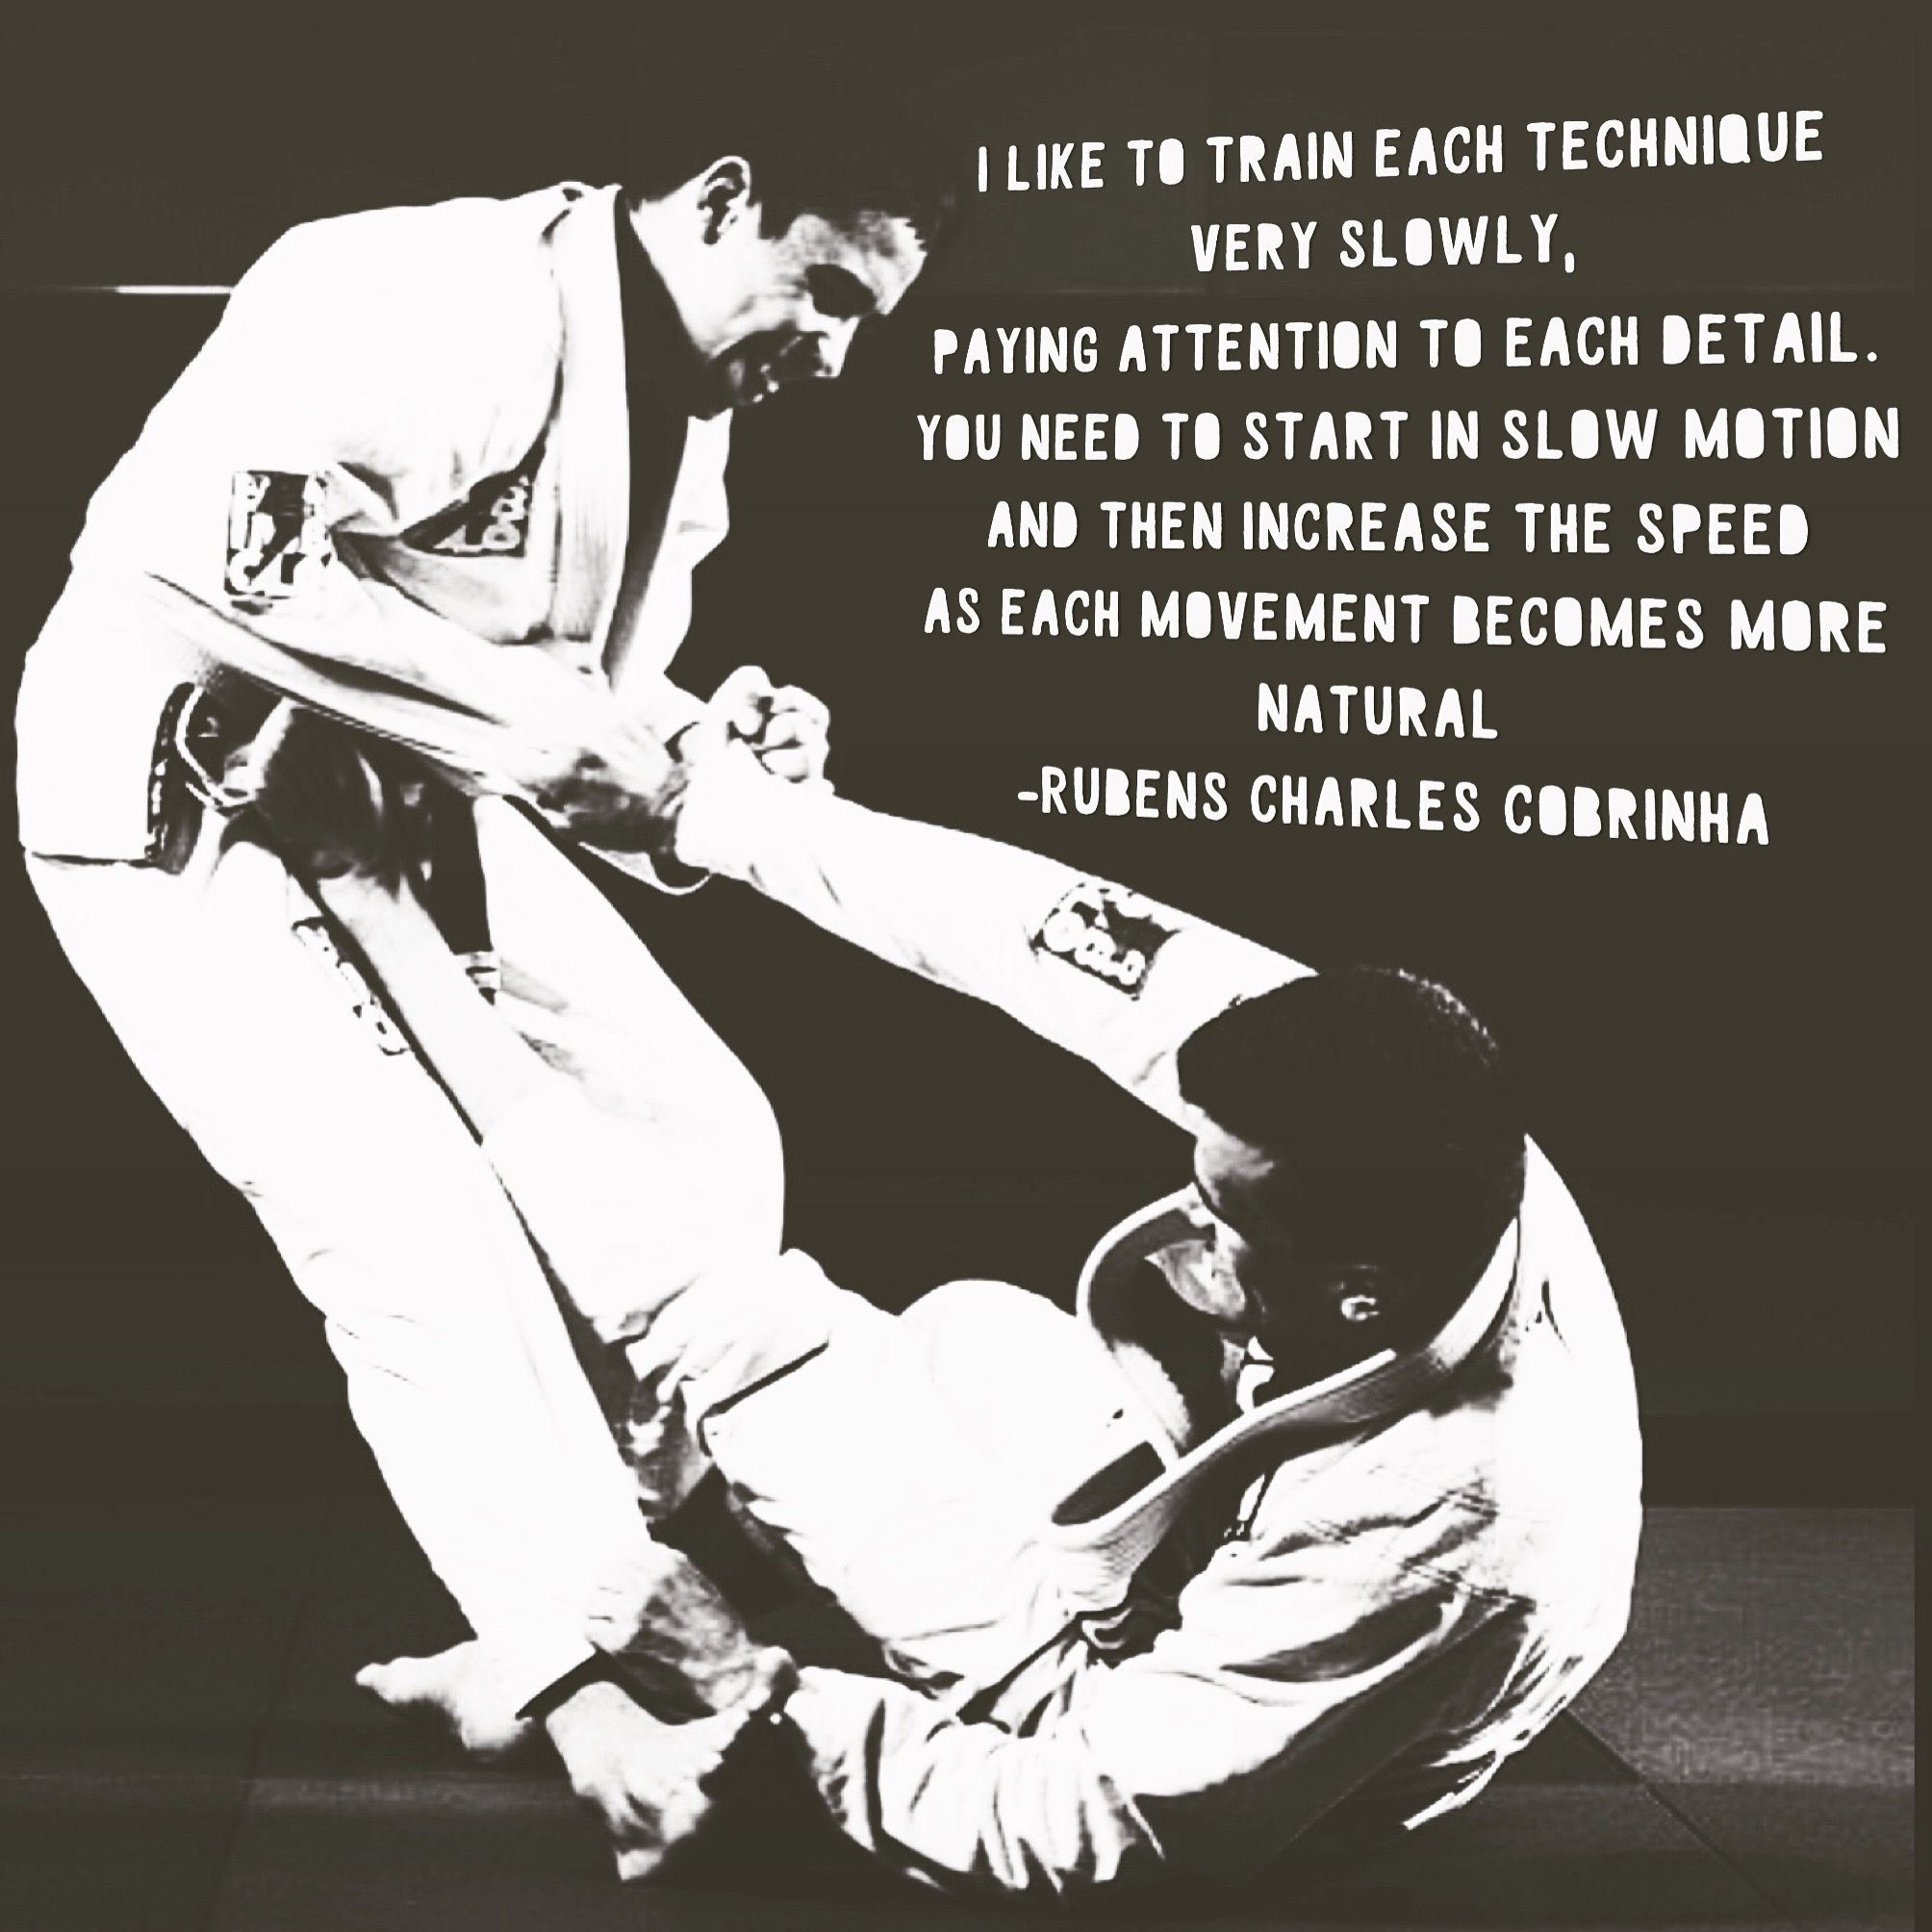 Jiu Jitsu Quotes: Rubens Charles Cobrinha Ufc Mma Bjj Jiujitsu Brazilian Jiu